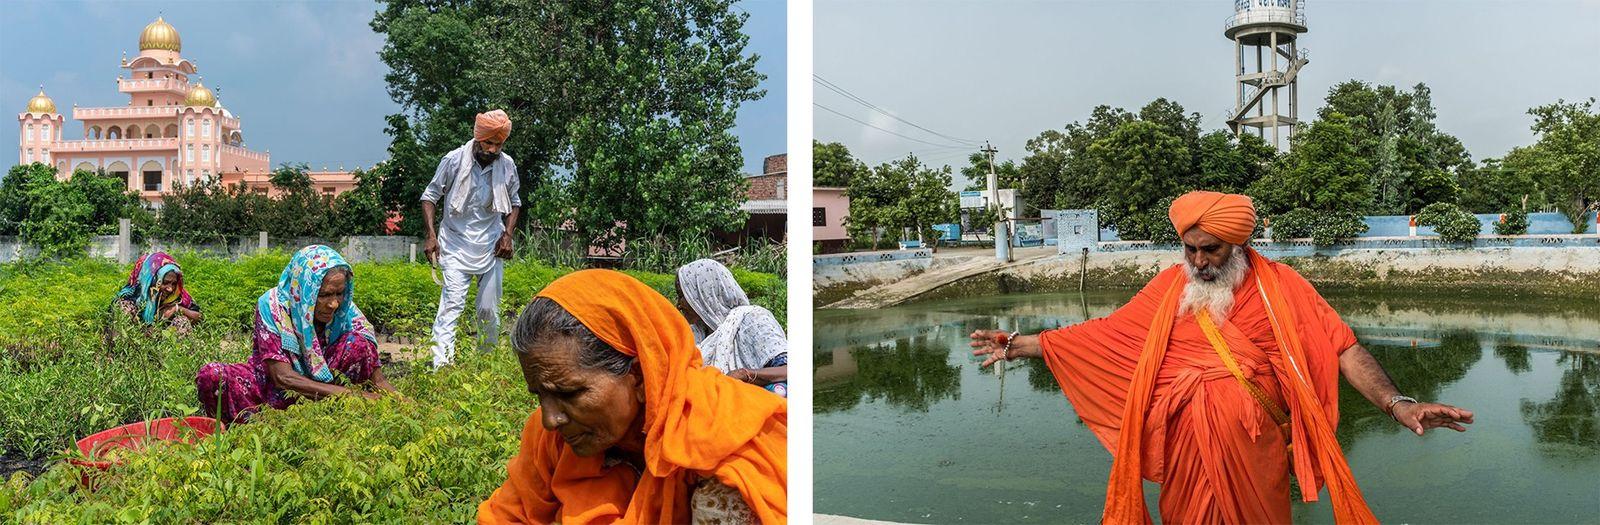 ÍNDIA Esquerda: Neste viveiro em Sichewali, no Punjab, são cultivadas plantas autóctones que tornam a paisagem mais ...